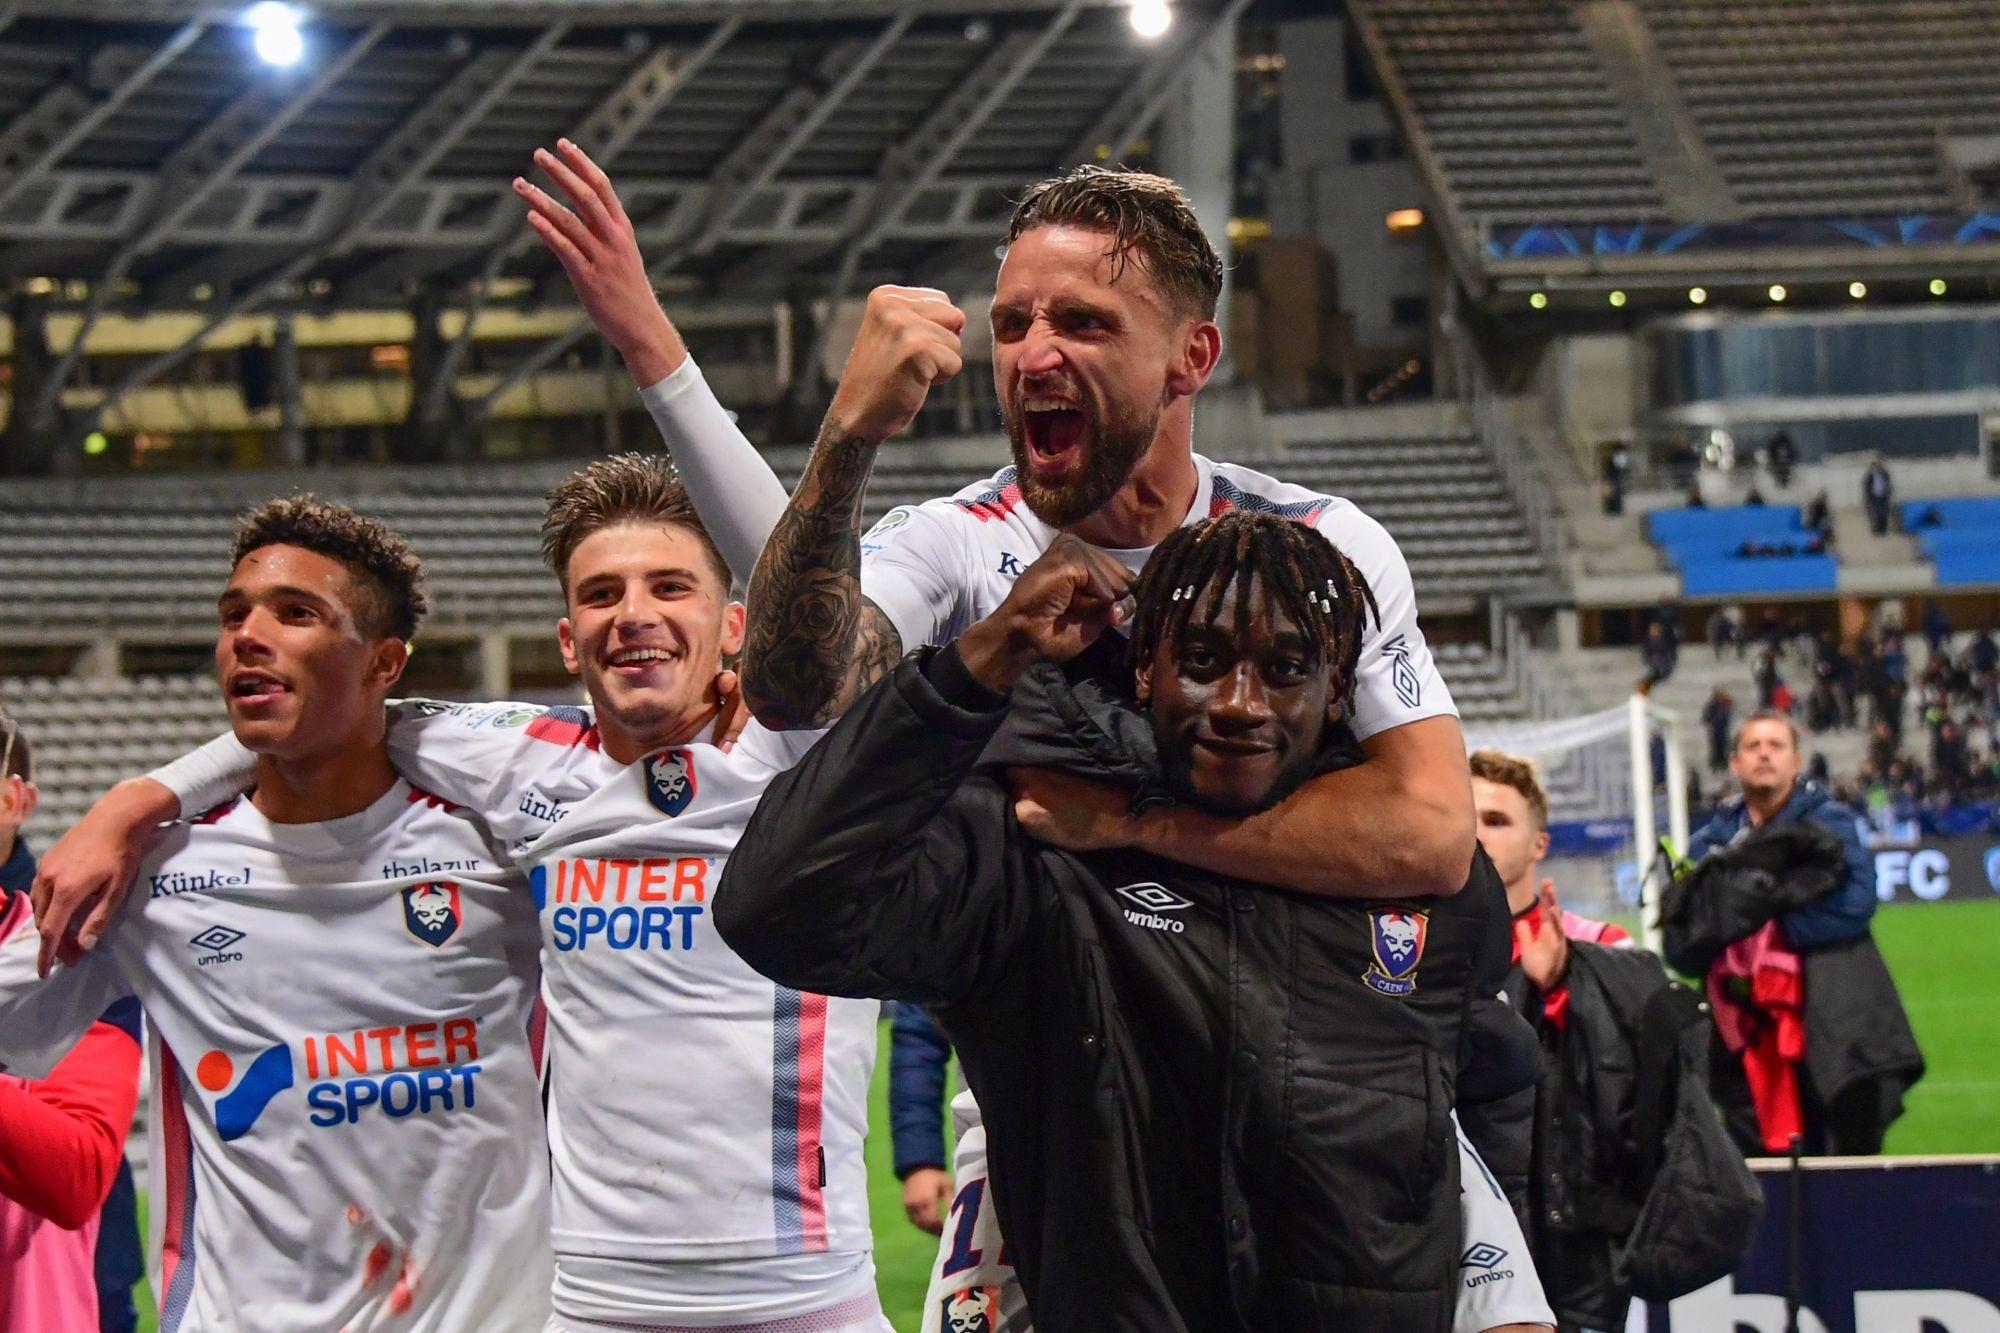 Il y a quasiment un an jour pour jour, Malherbe battait le Paris FC 4-2